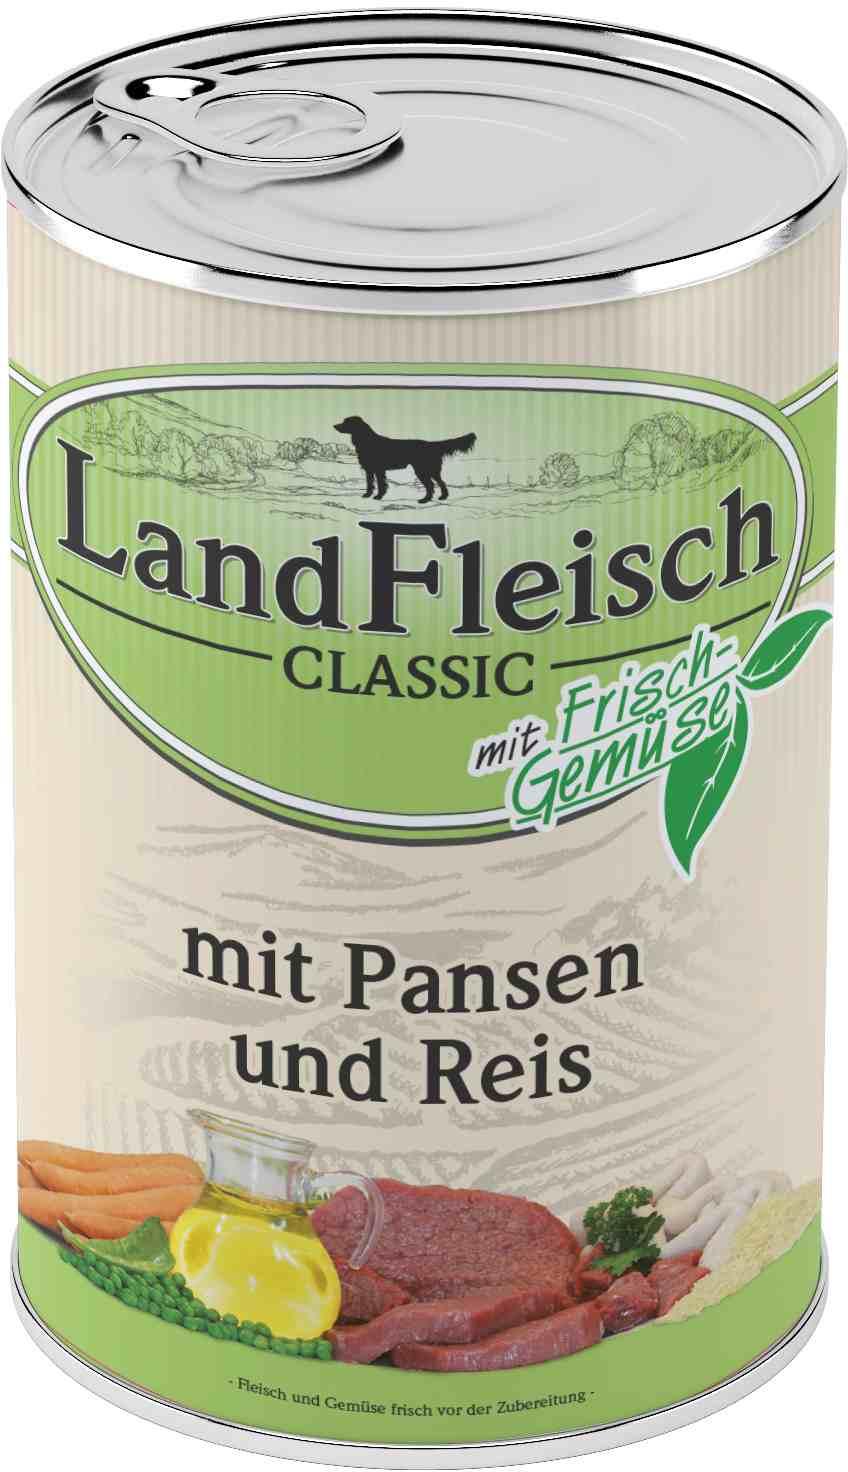 Landfleisch Dog Classic Pansen, Reis 400g